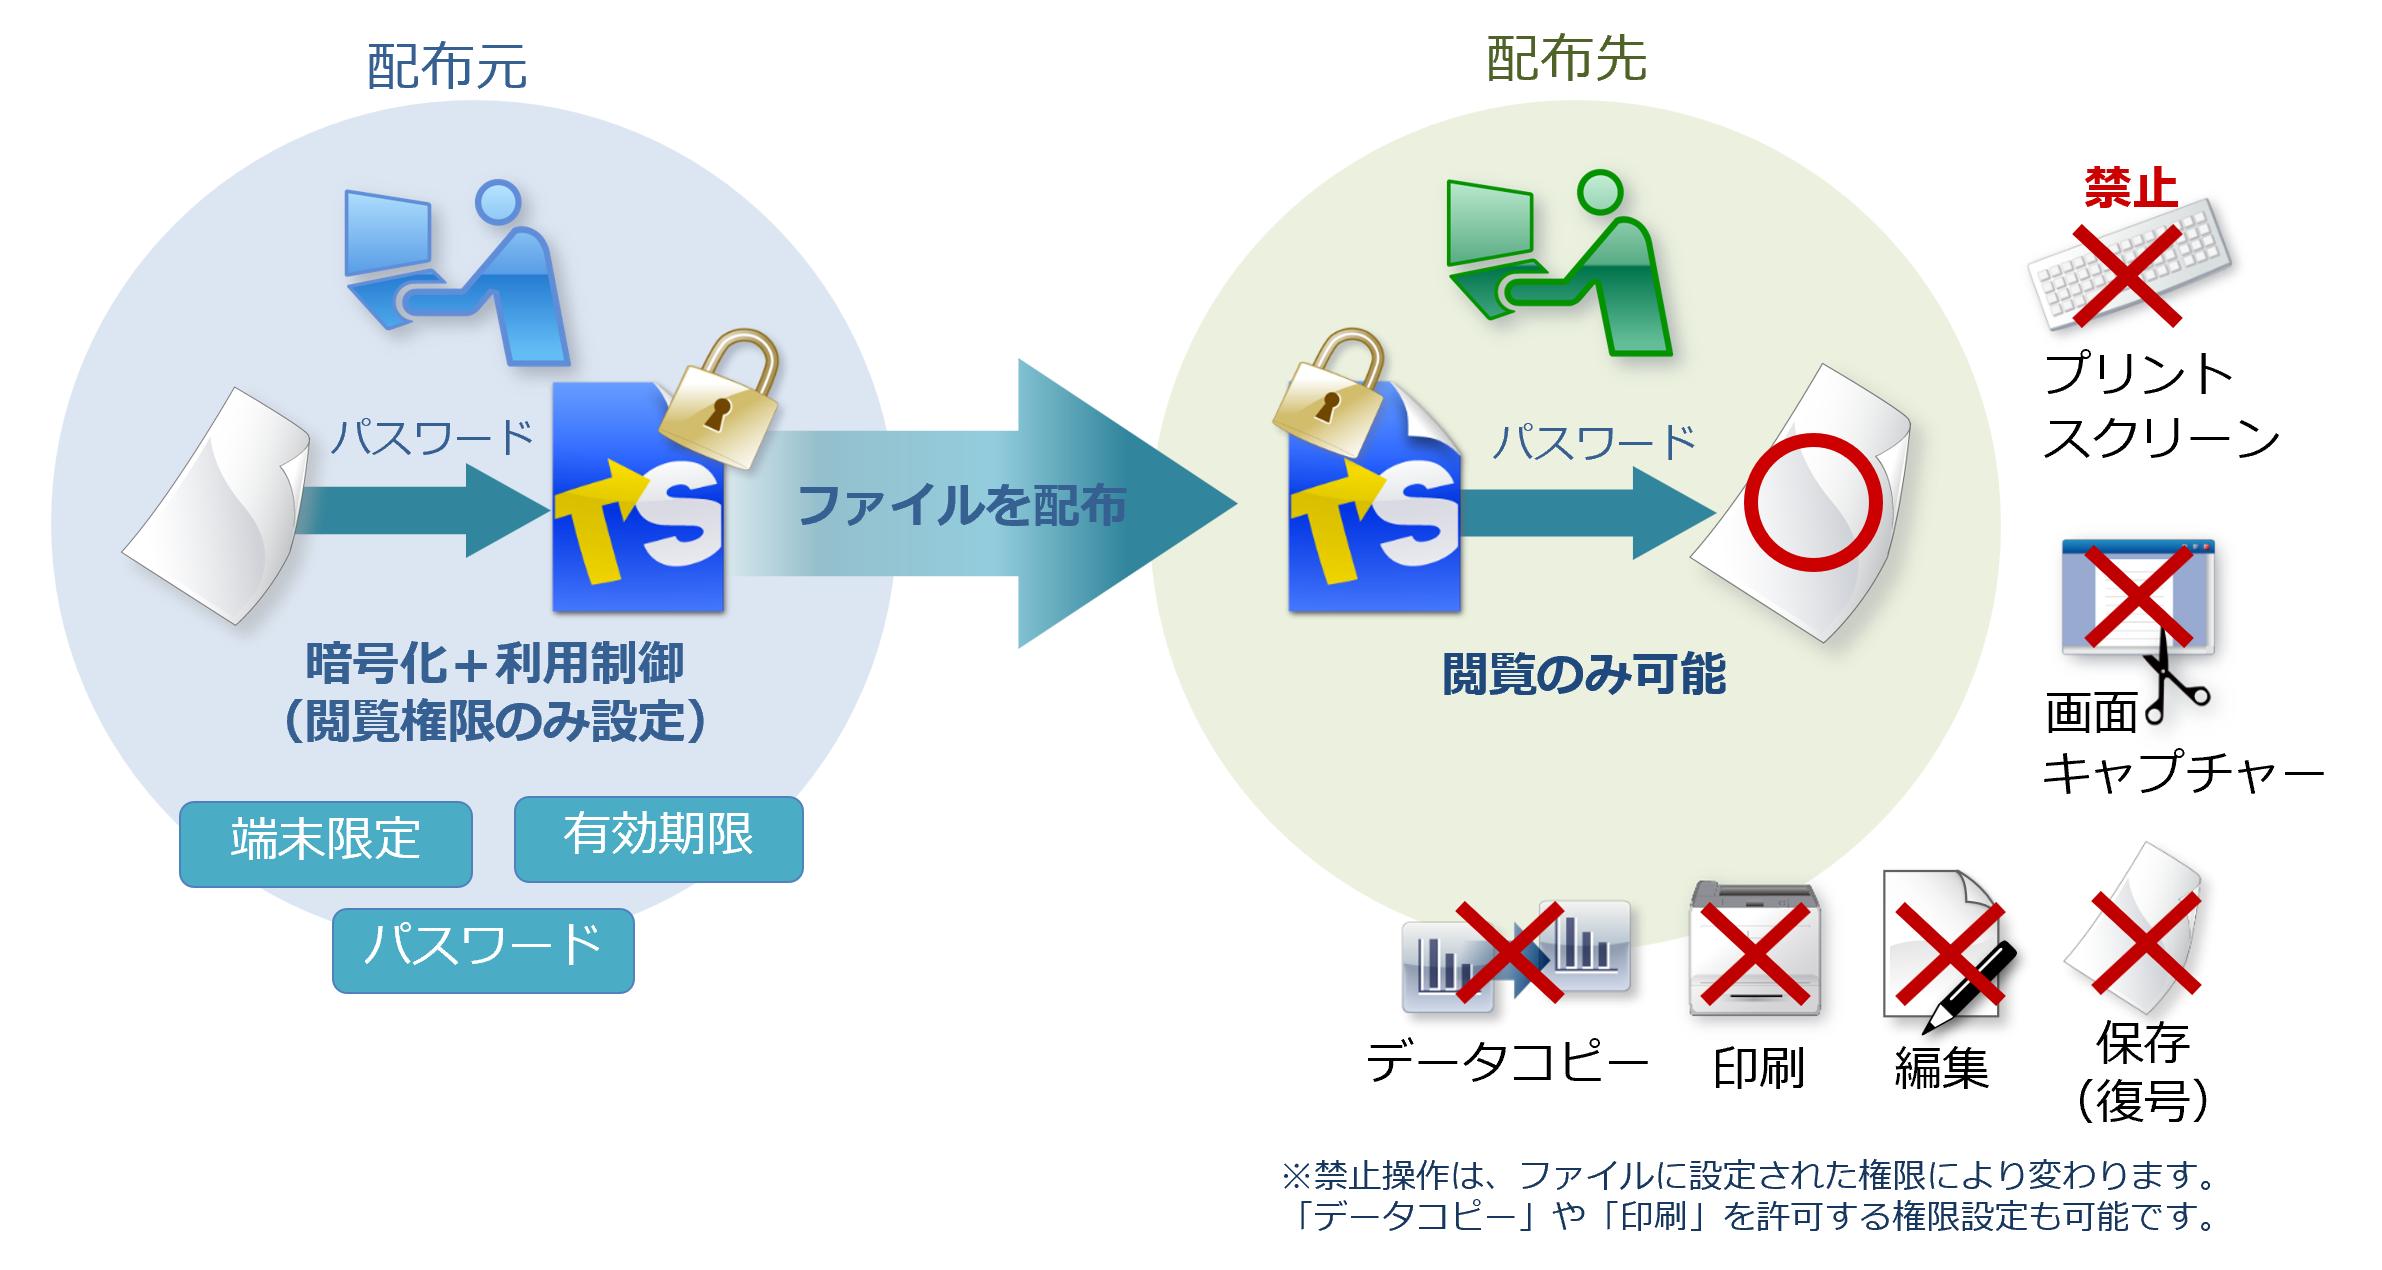 社内外へ配布するファイルの不正利用防止「トランセーファー BASIC」